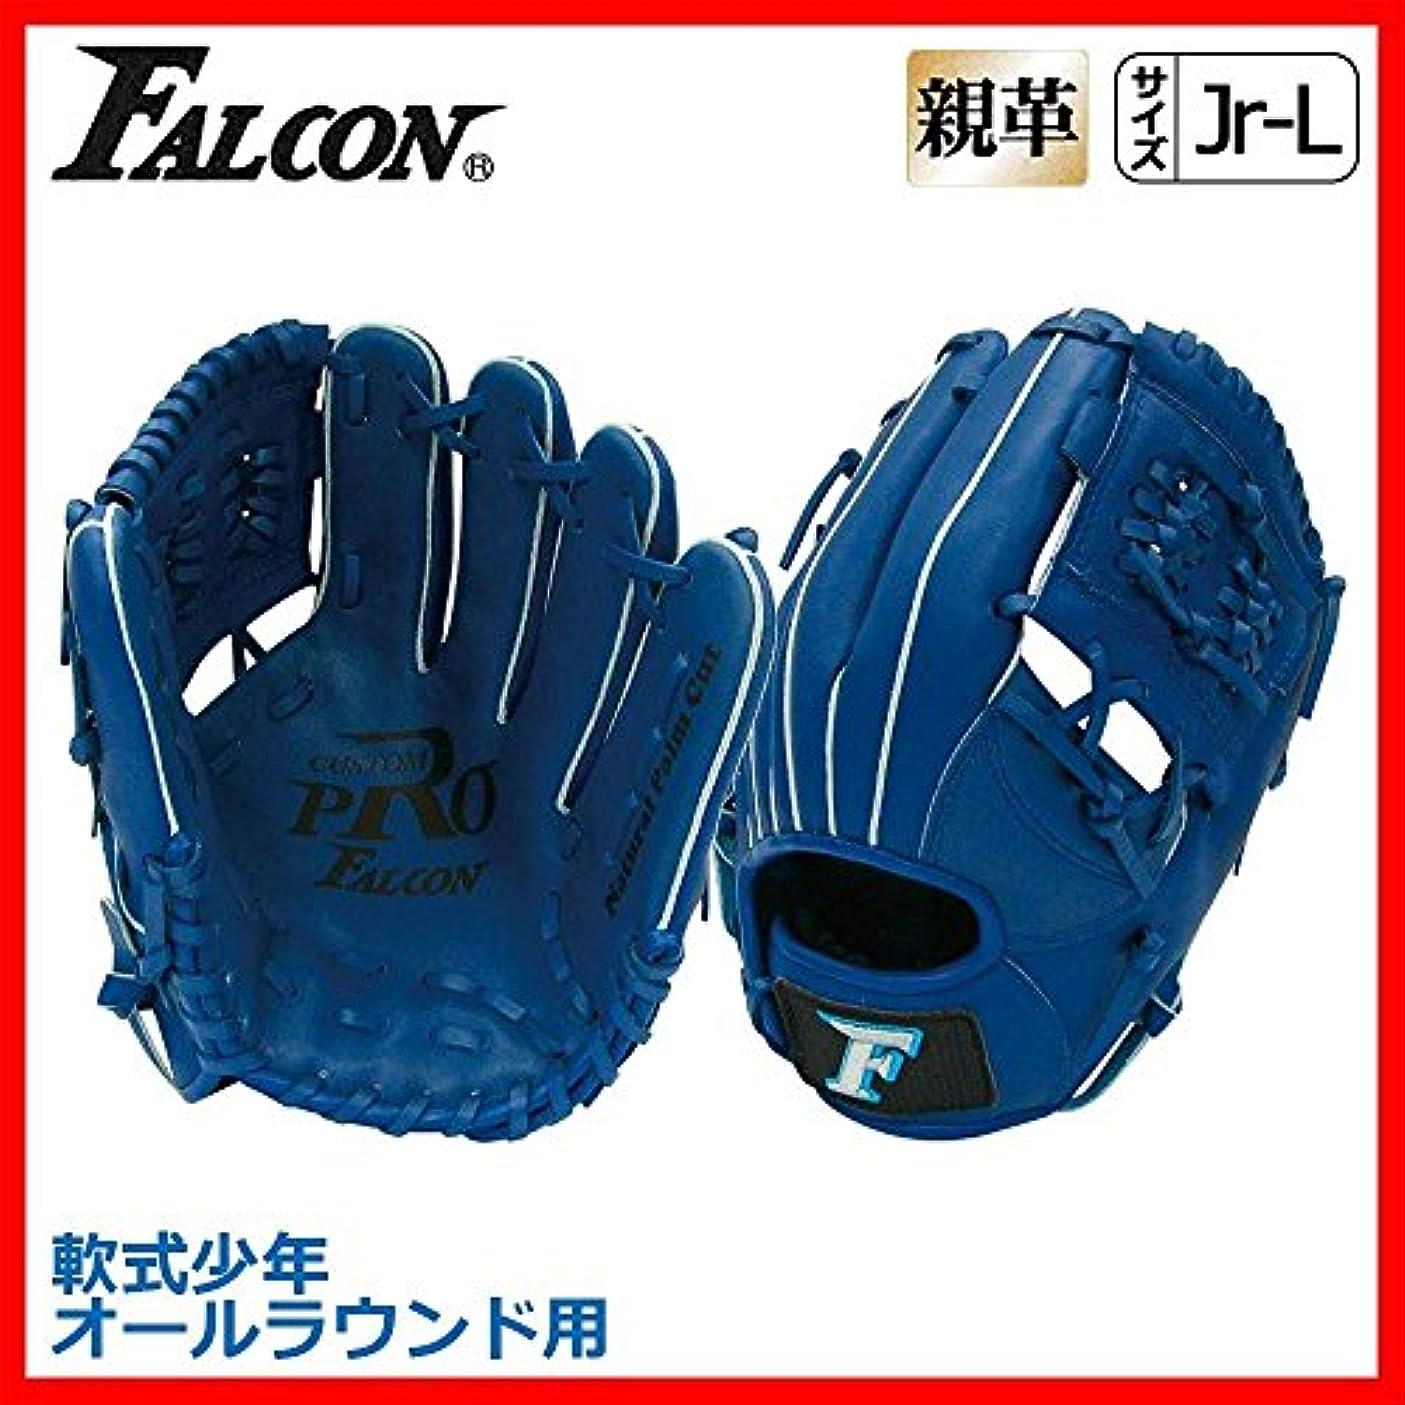 電球ディーラー演劇FALCON ファルコン 野球グラブ グローブ 軟式少年 オールラウンド用 Jr-Lサイズ ロイヤルブルー FG-4022